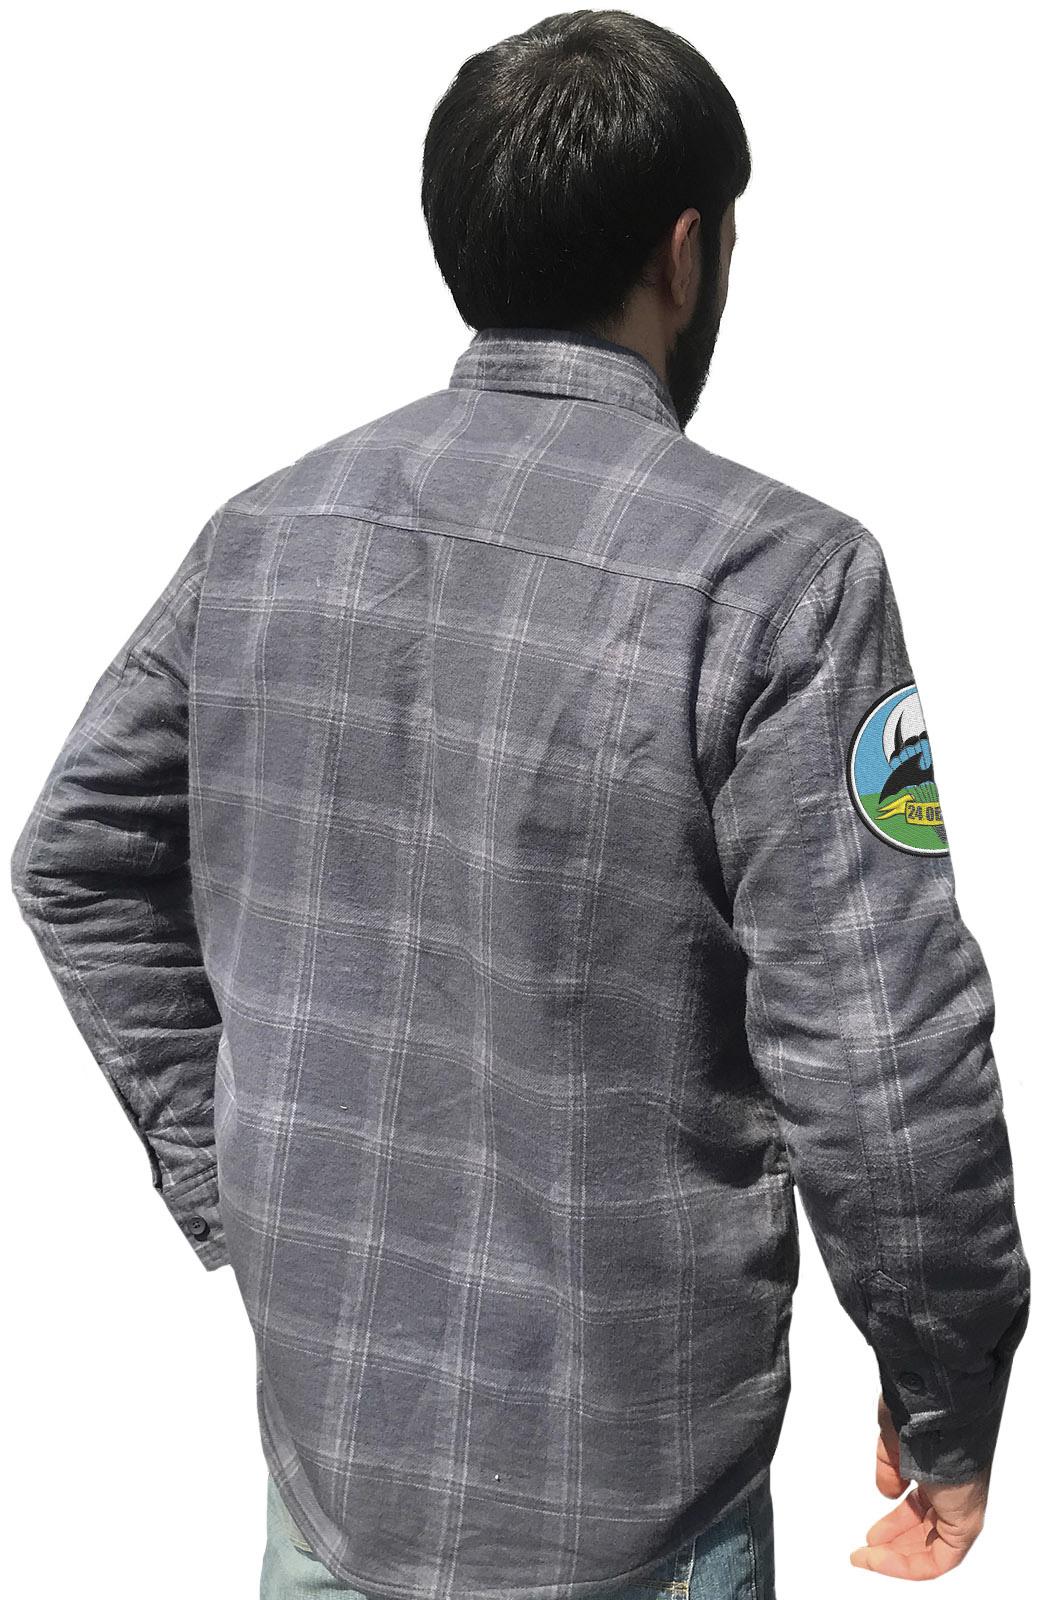 Мужская рубашка с эмблемой 24 ОБрСпН заказать выгодно